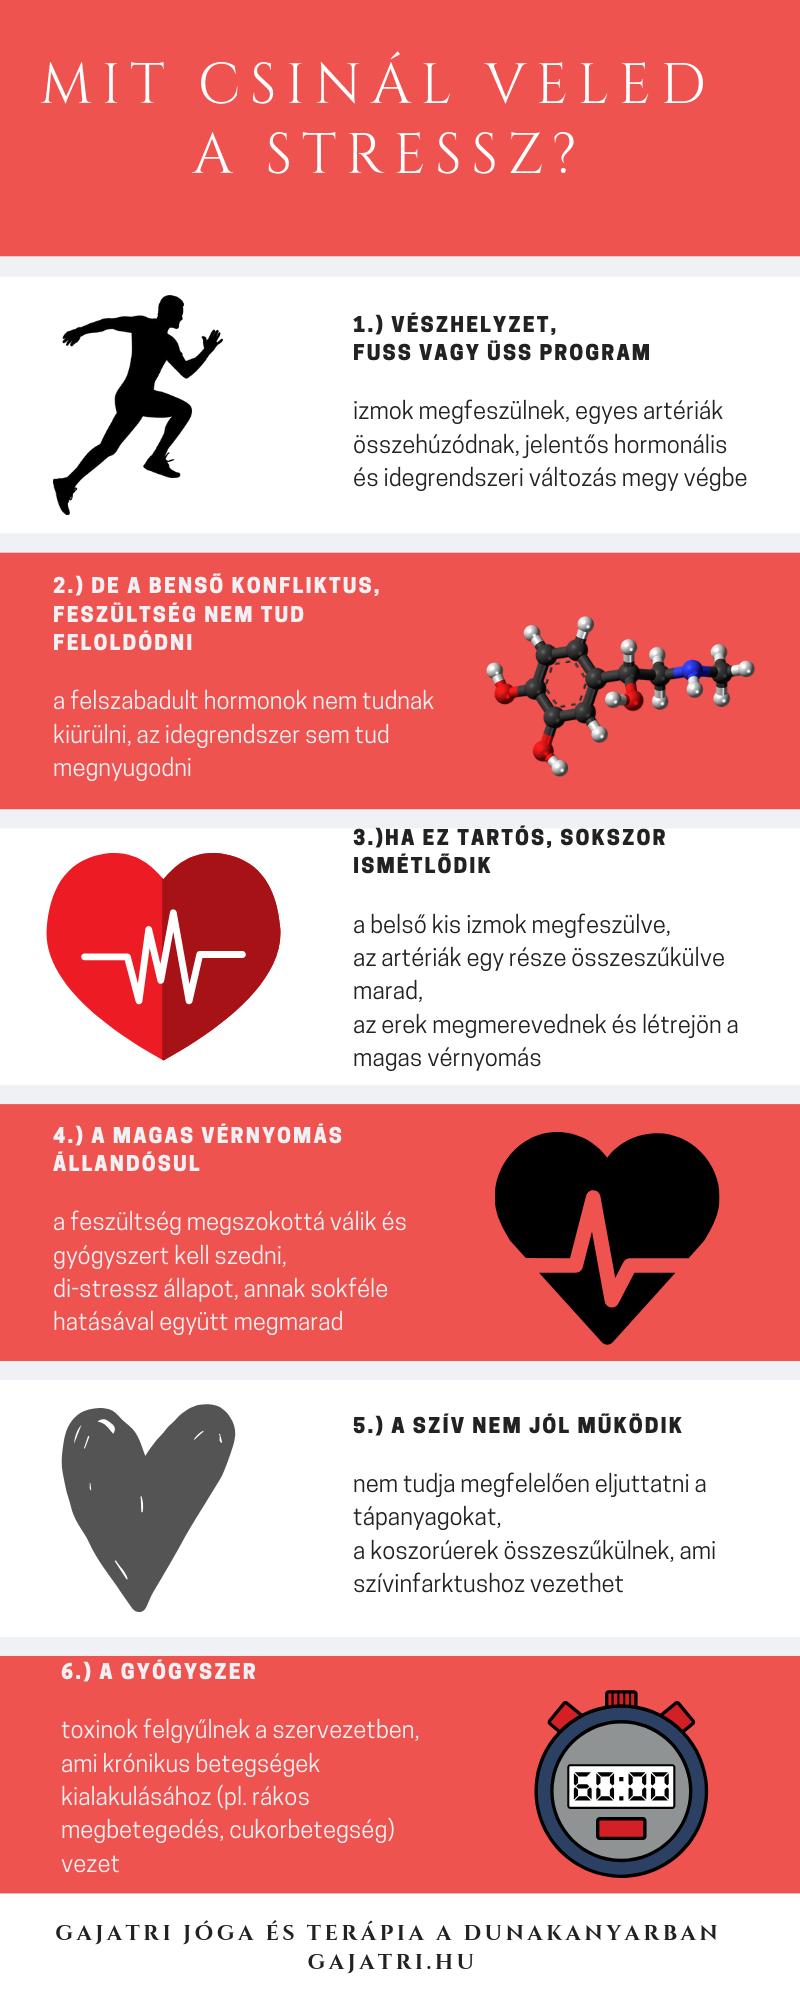 gyakorlatok összessége a magas vérnyomás kezelésére